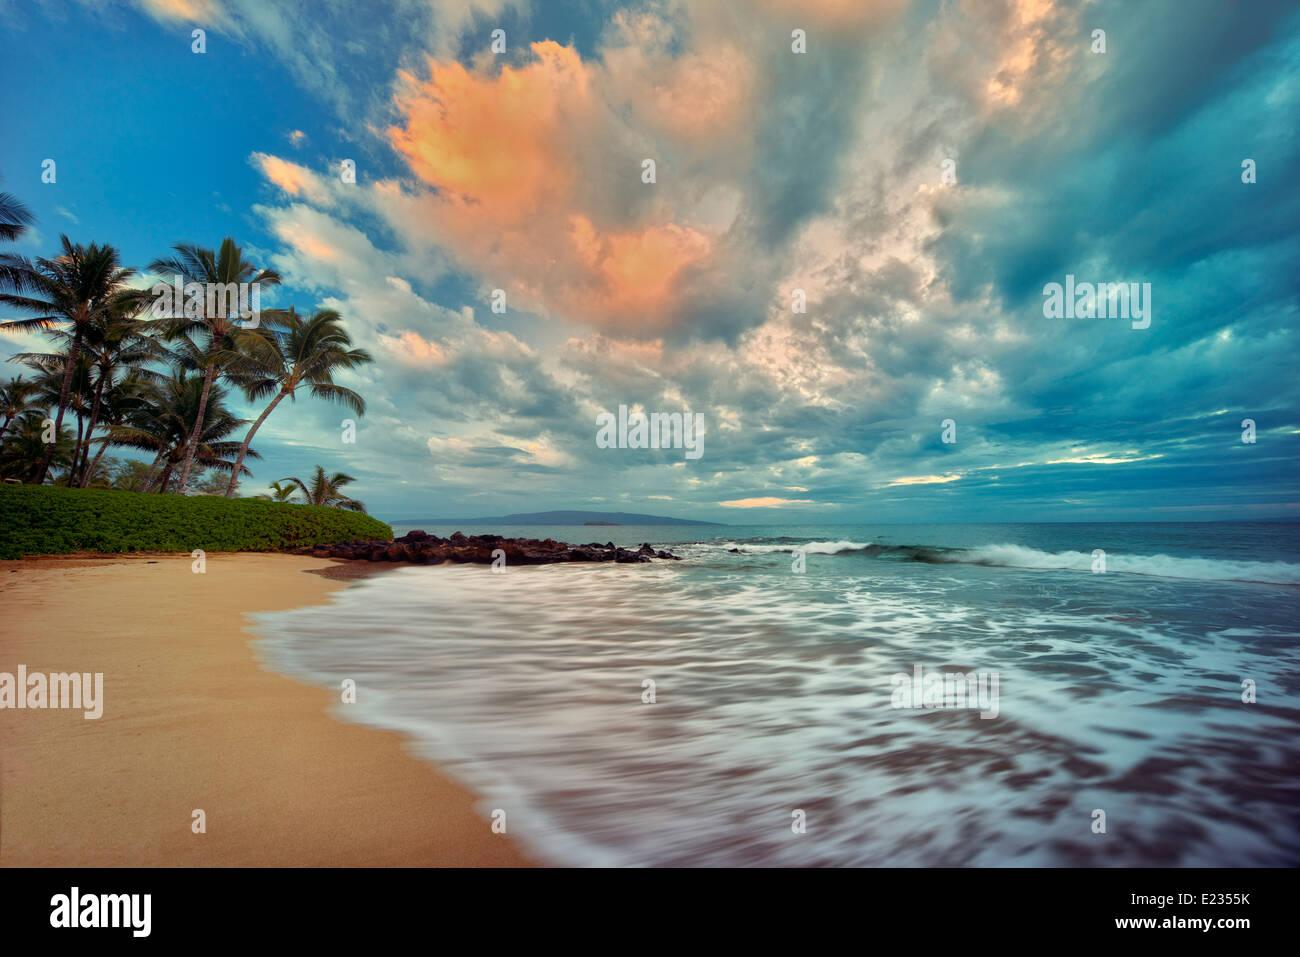 Sunrise le onde del mare e palme sulla spiaggia. Maui, Hawaii Immagini Stock